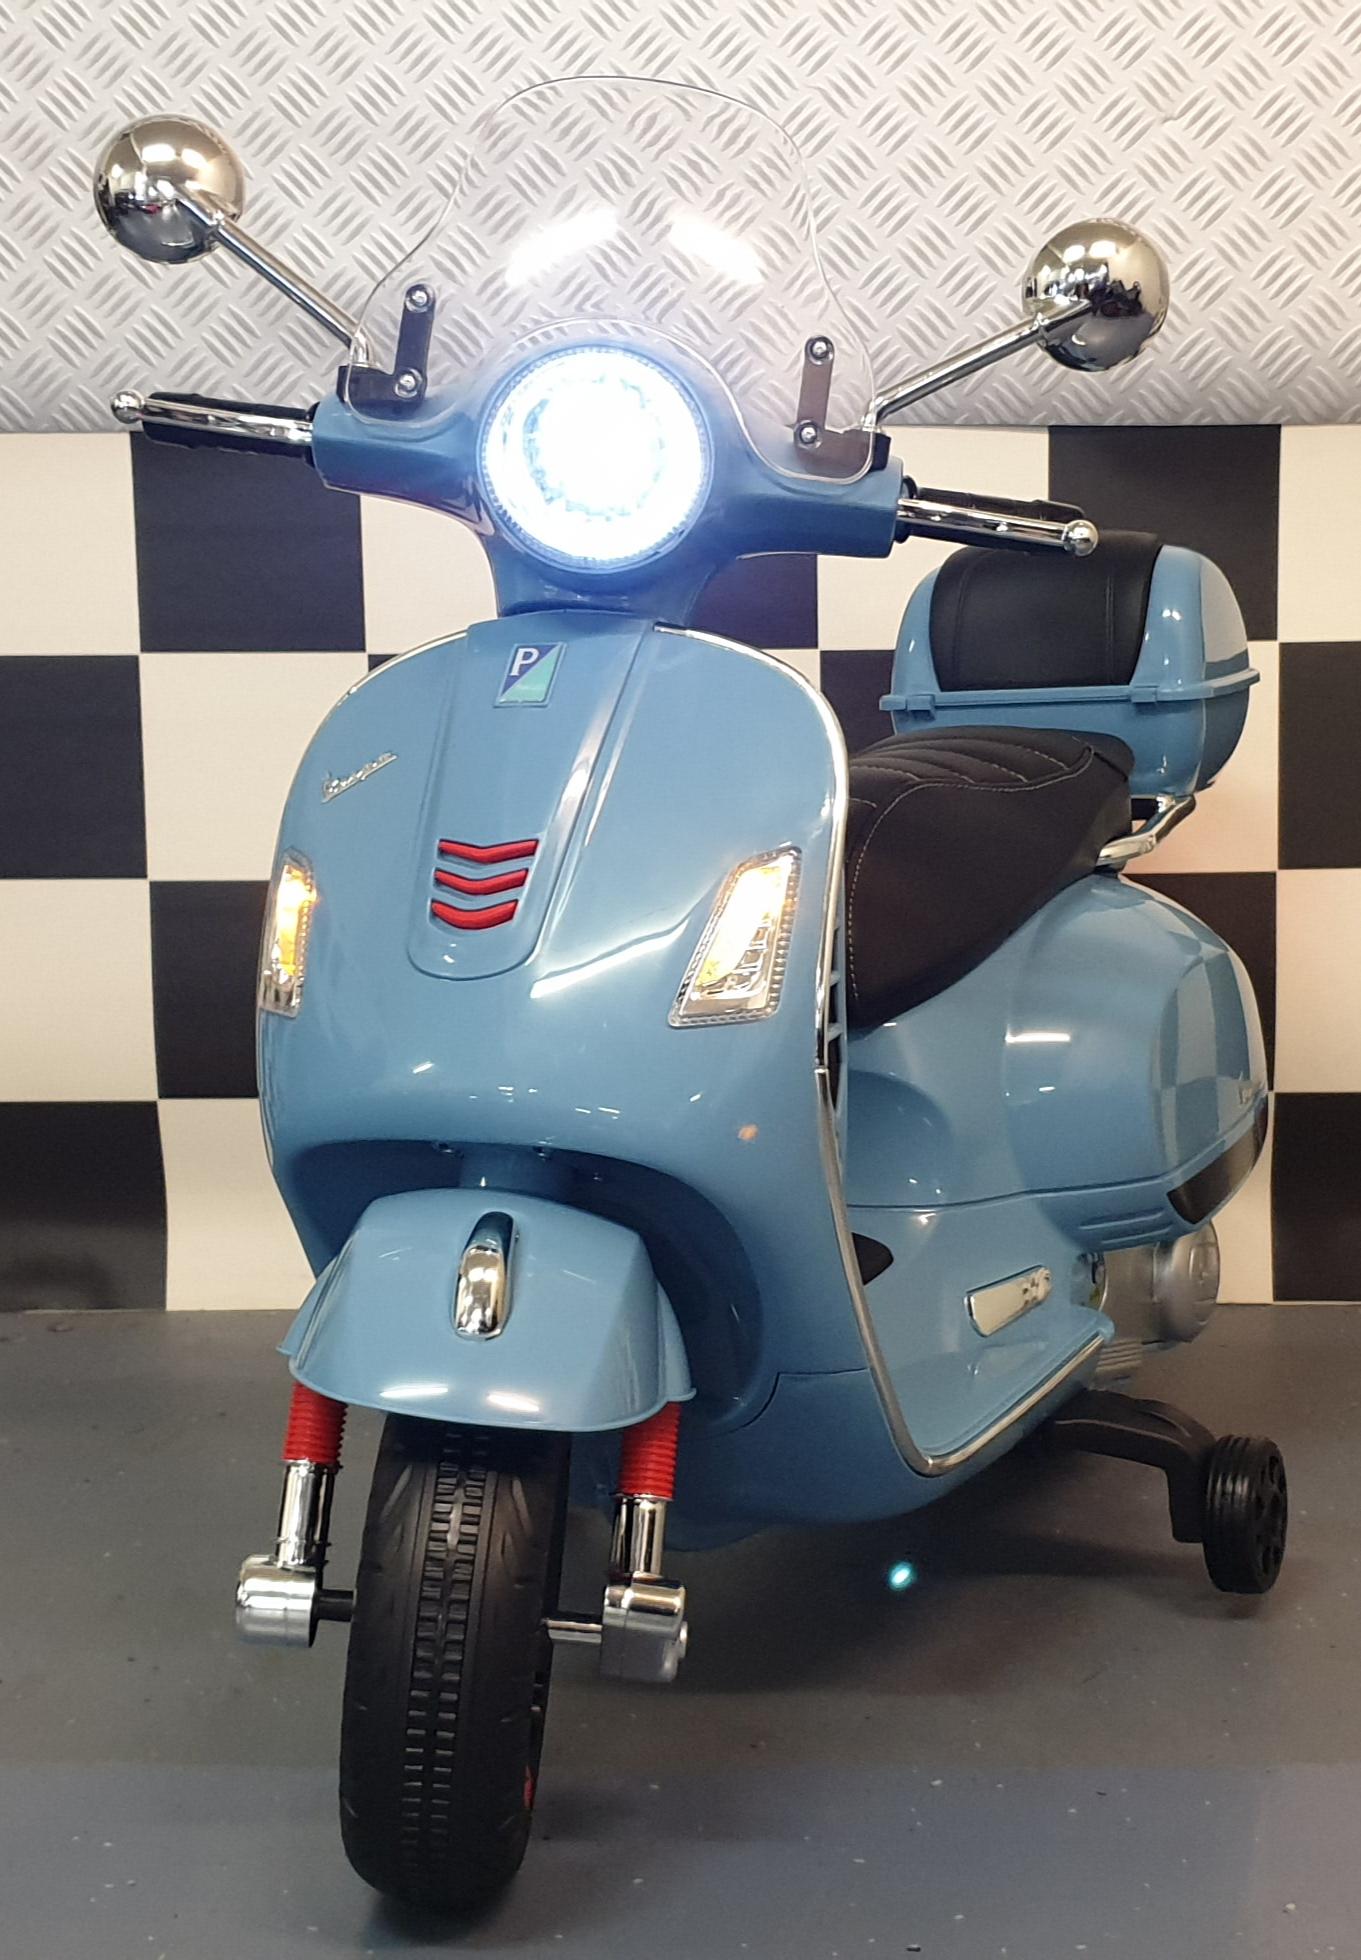 Vespa elektrische kinderscooter 12 volt blauw